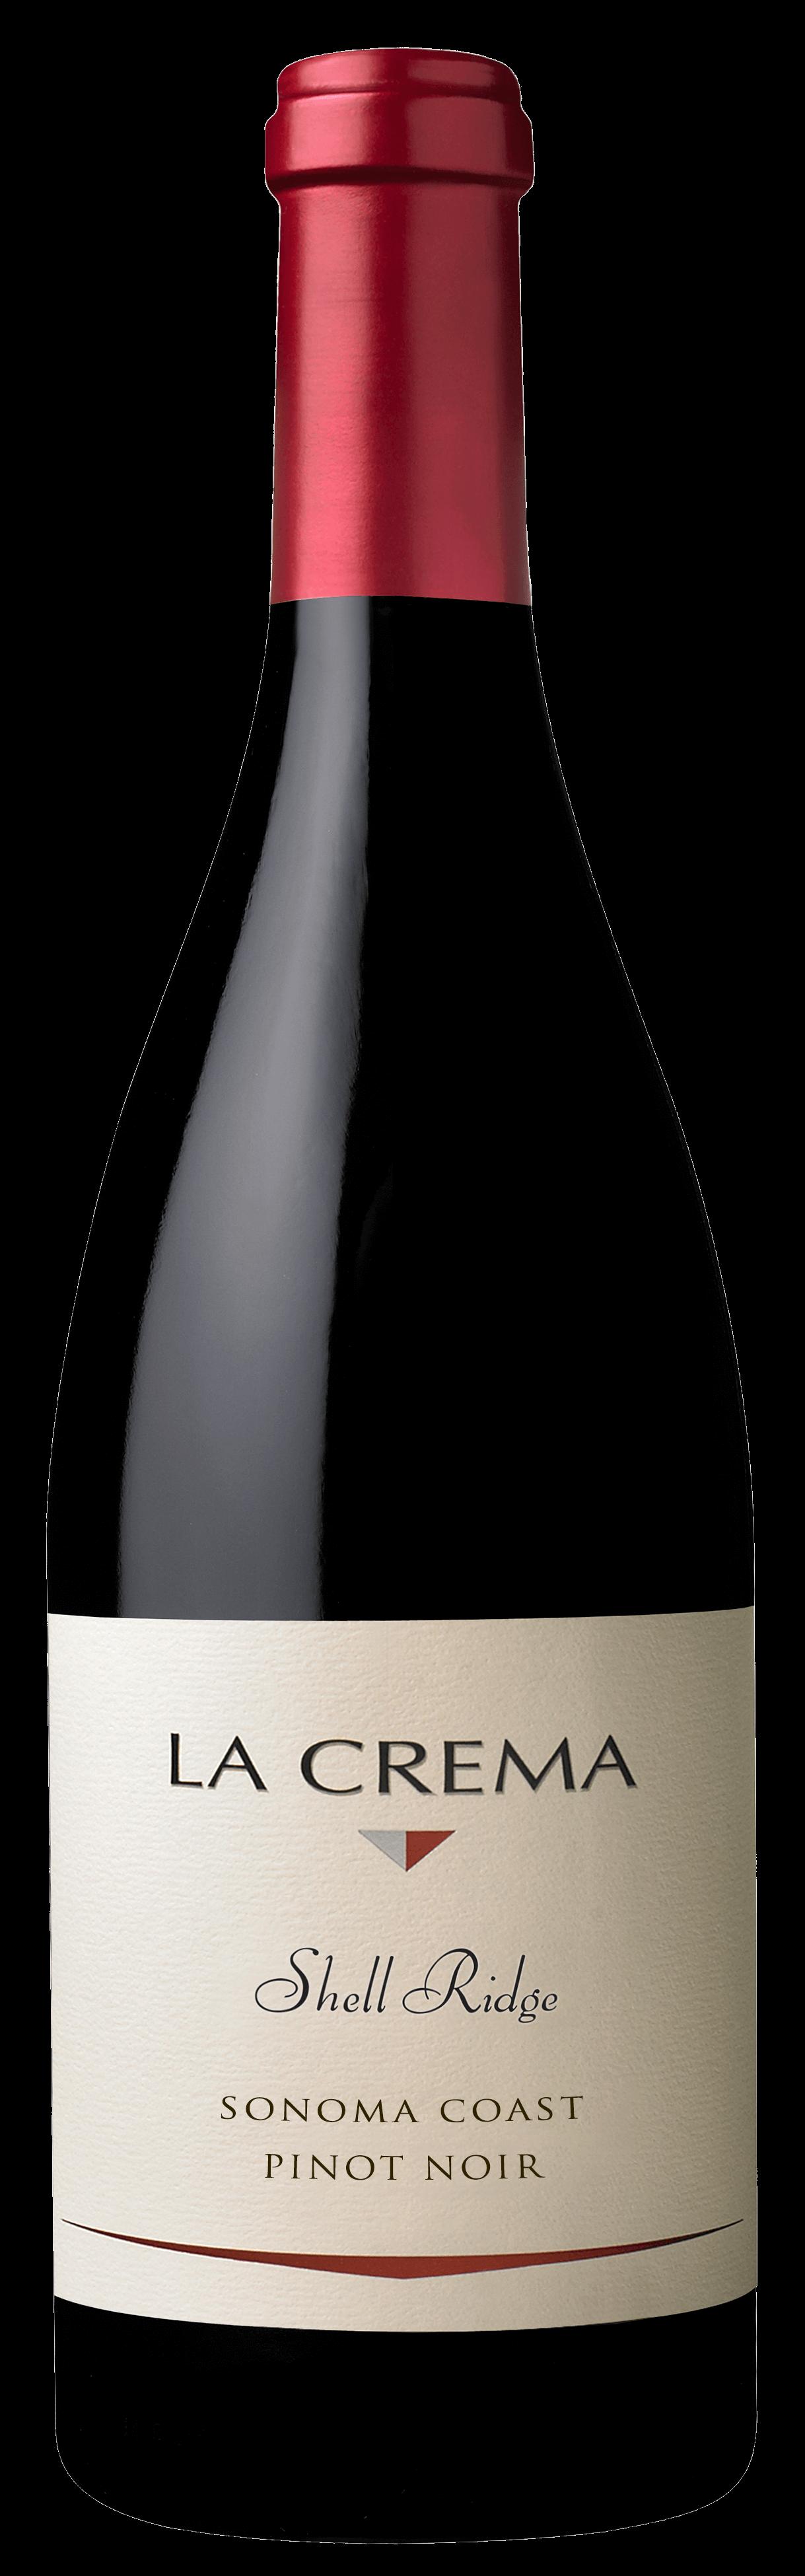 2014 Shell Ridge Pinot Noir